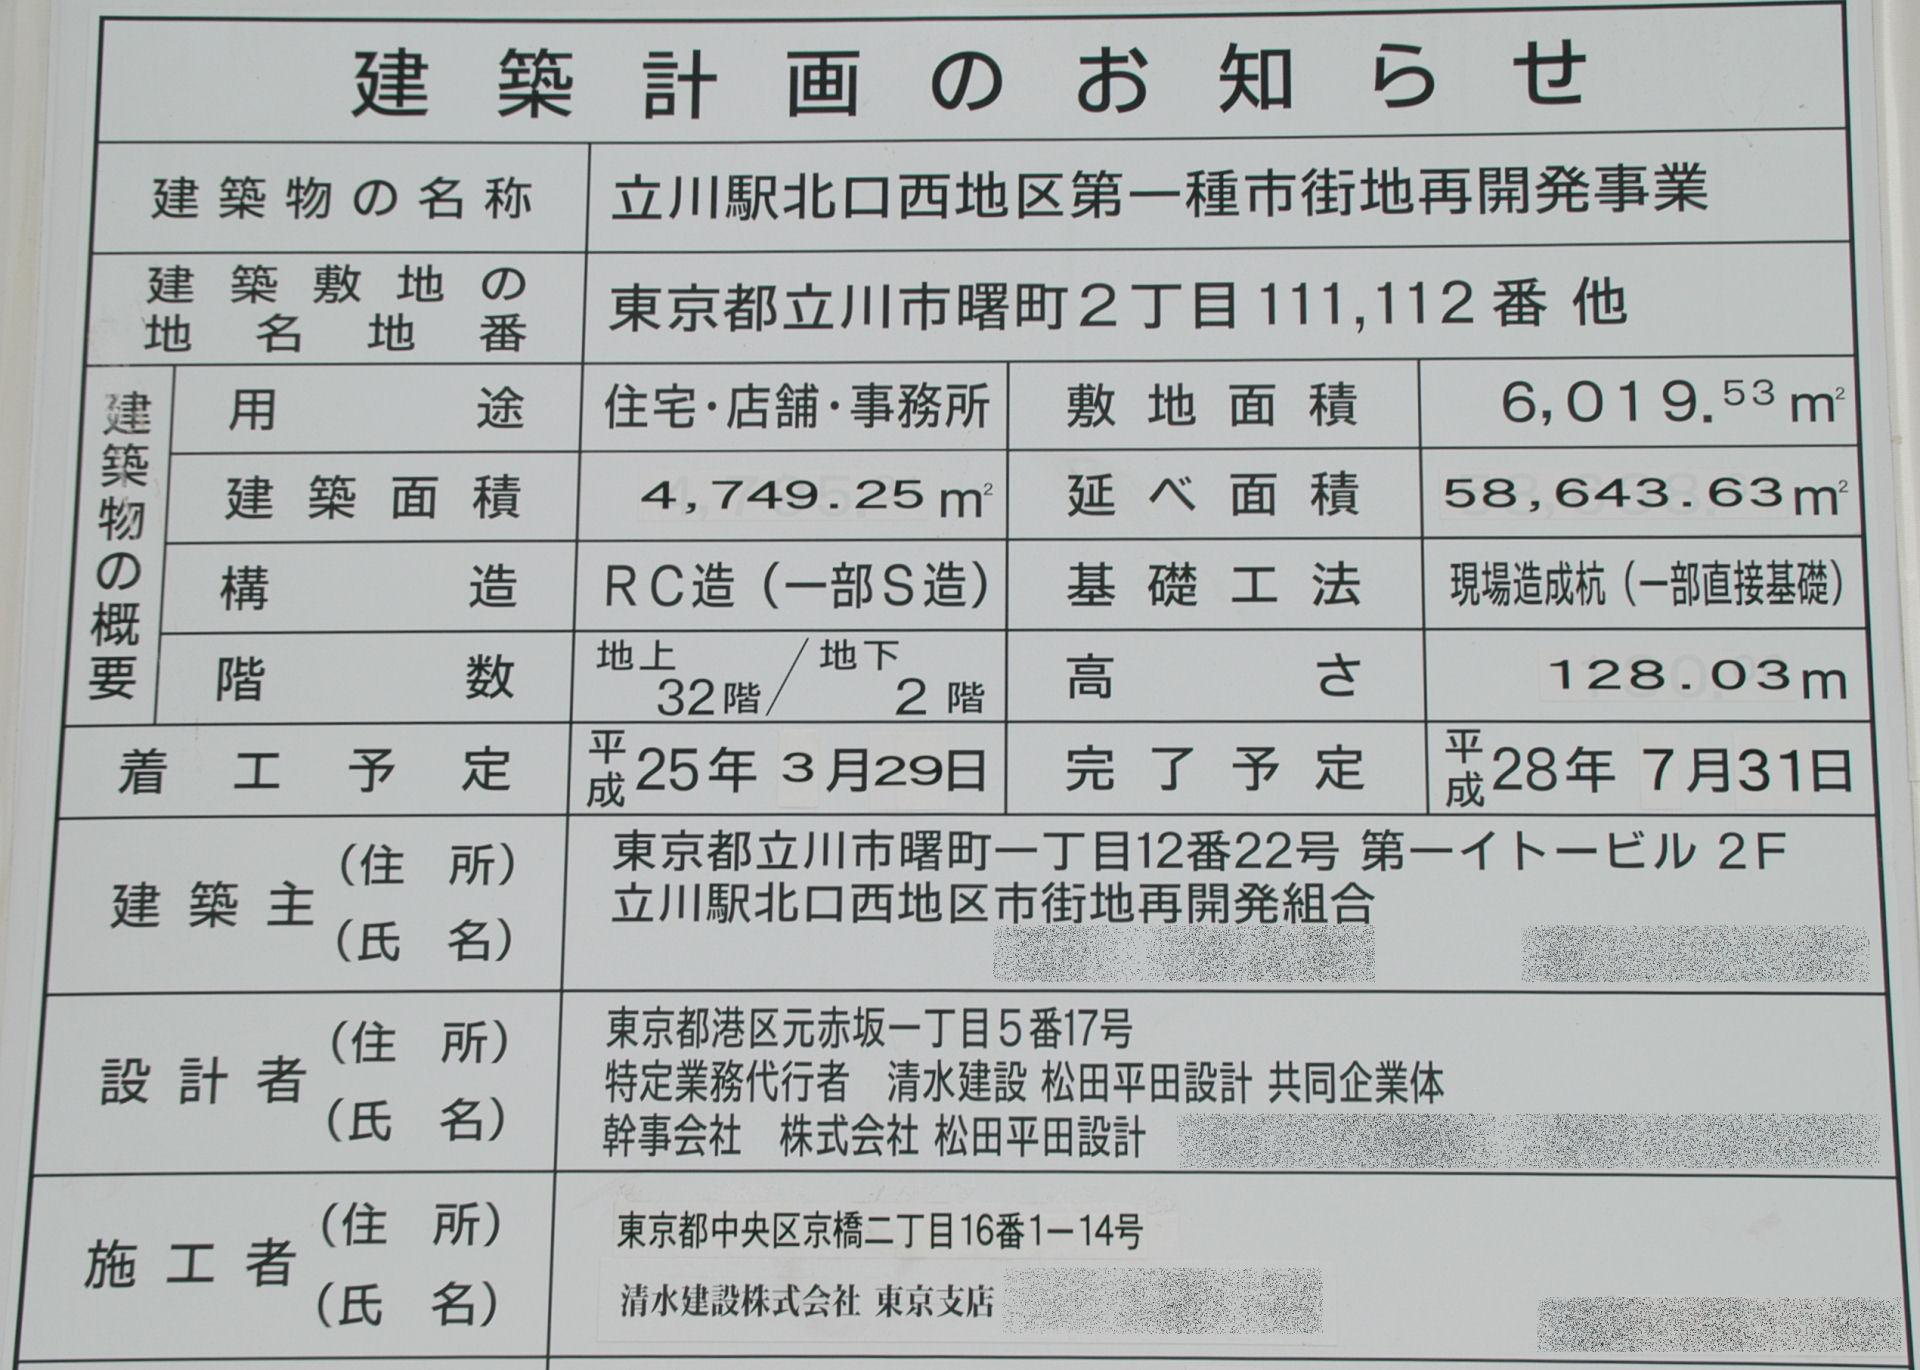 tachikawa13070057.jpg